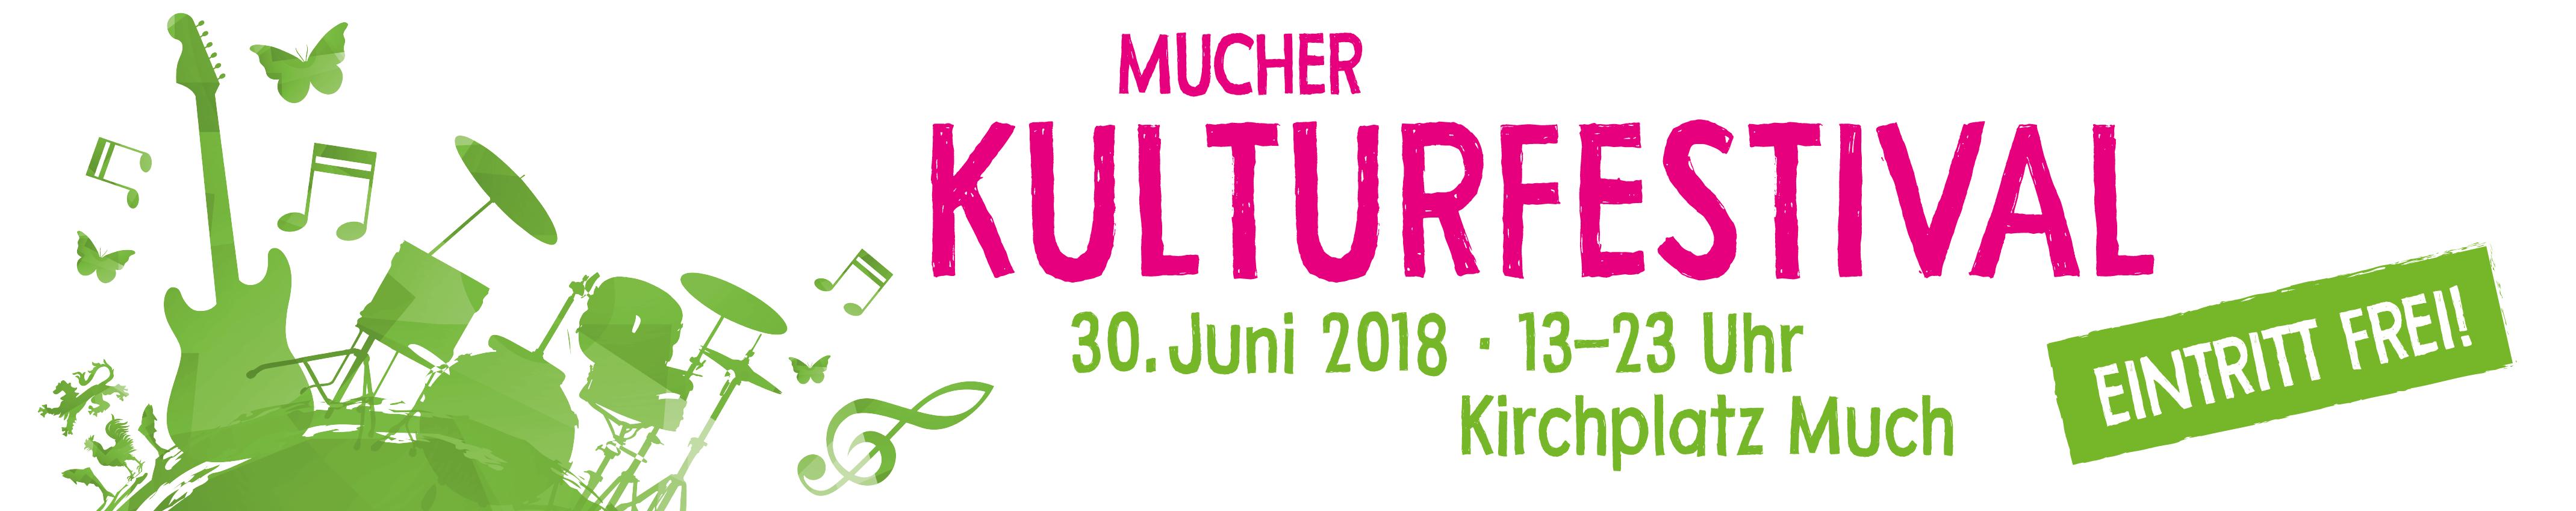 Mucher Kulturfestival (Much)